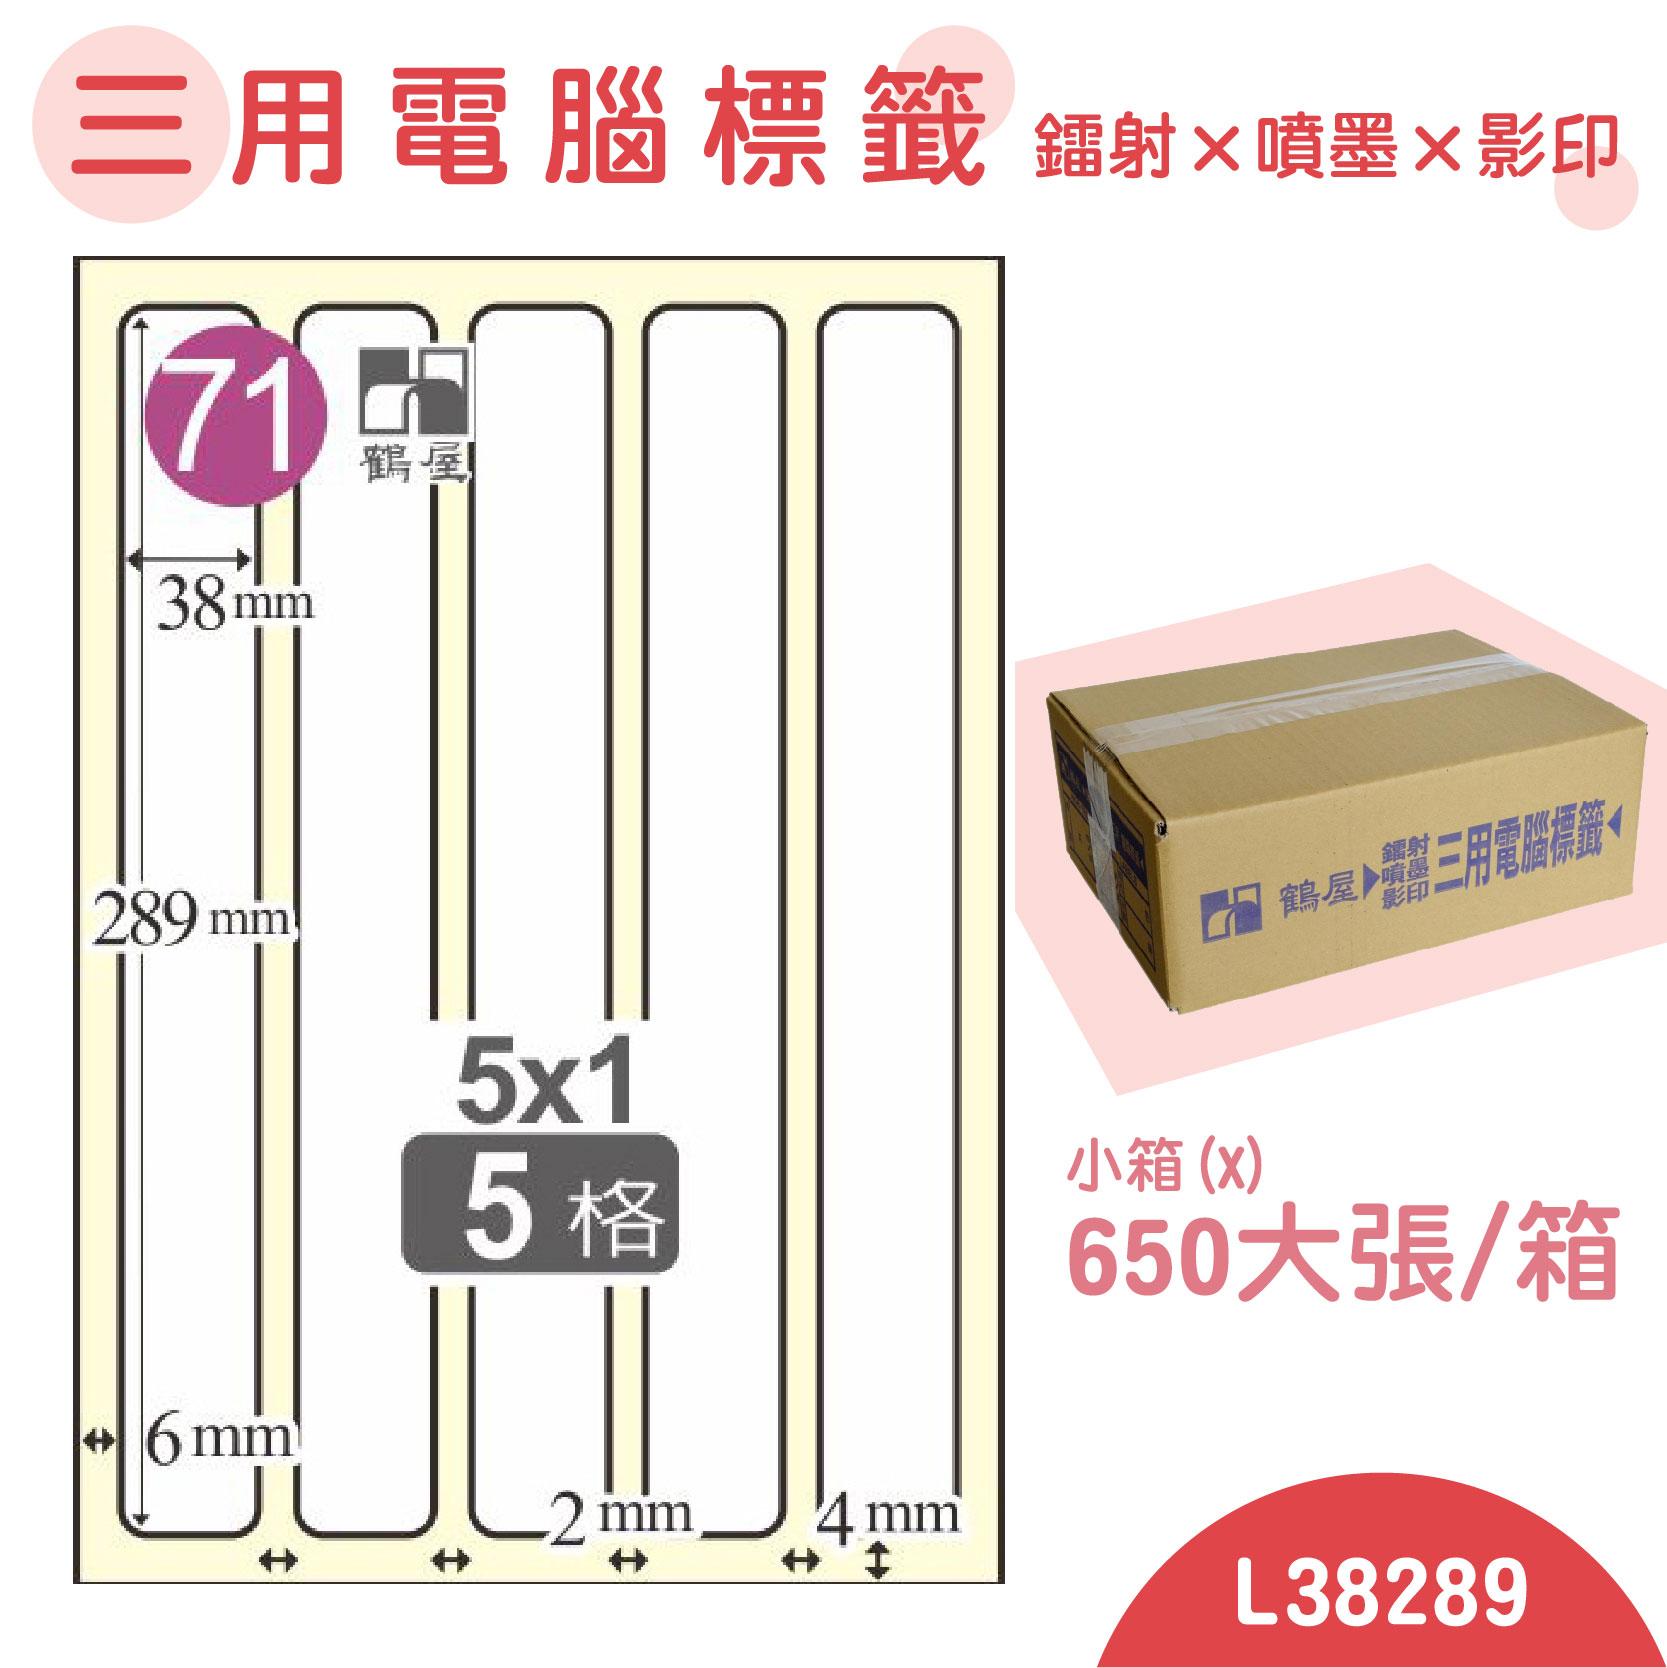 電腦標籤紙(鶴屋) 白色 L38289 5格 650大張/小箱 影印 雷射 噴墨 三用 標籤 貼紙 信封 光碟 名條